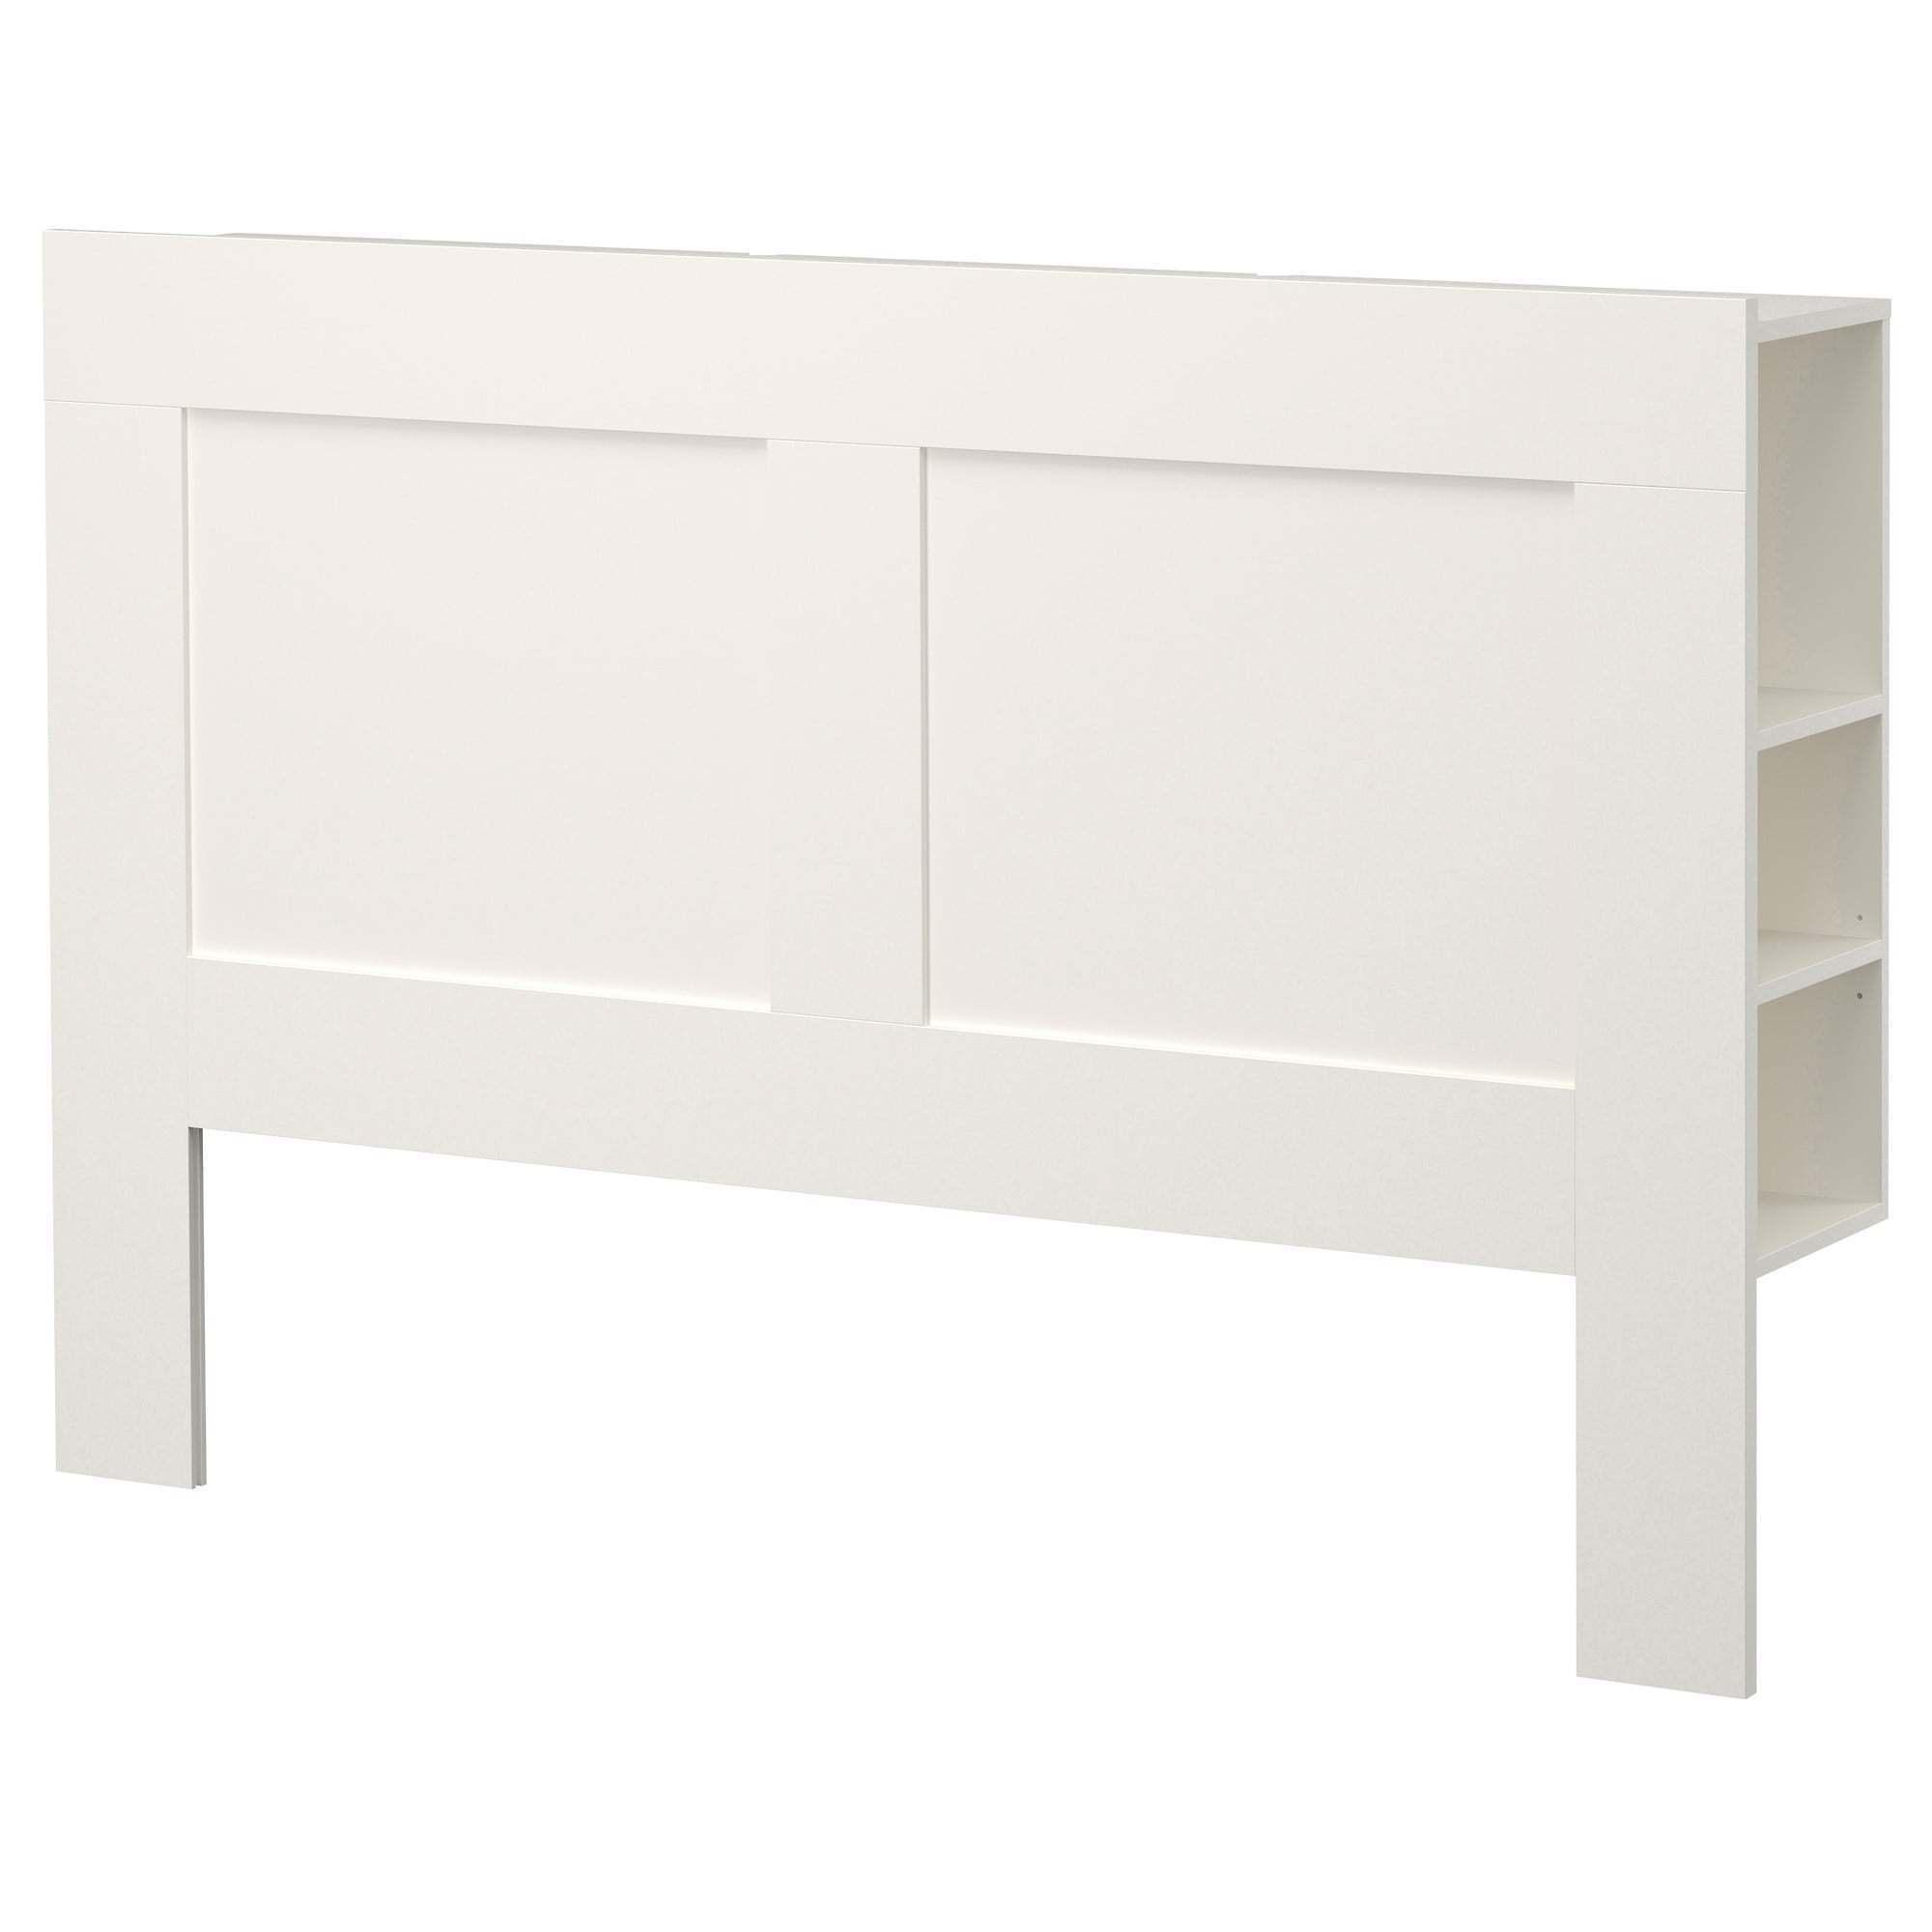 Lit Avec Tête De Lit Rangement 160 X 200 Meilleur De Meuble Tete De Lit Ikea